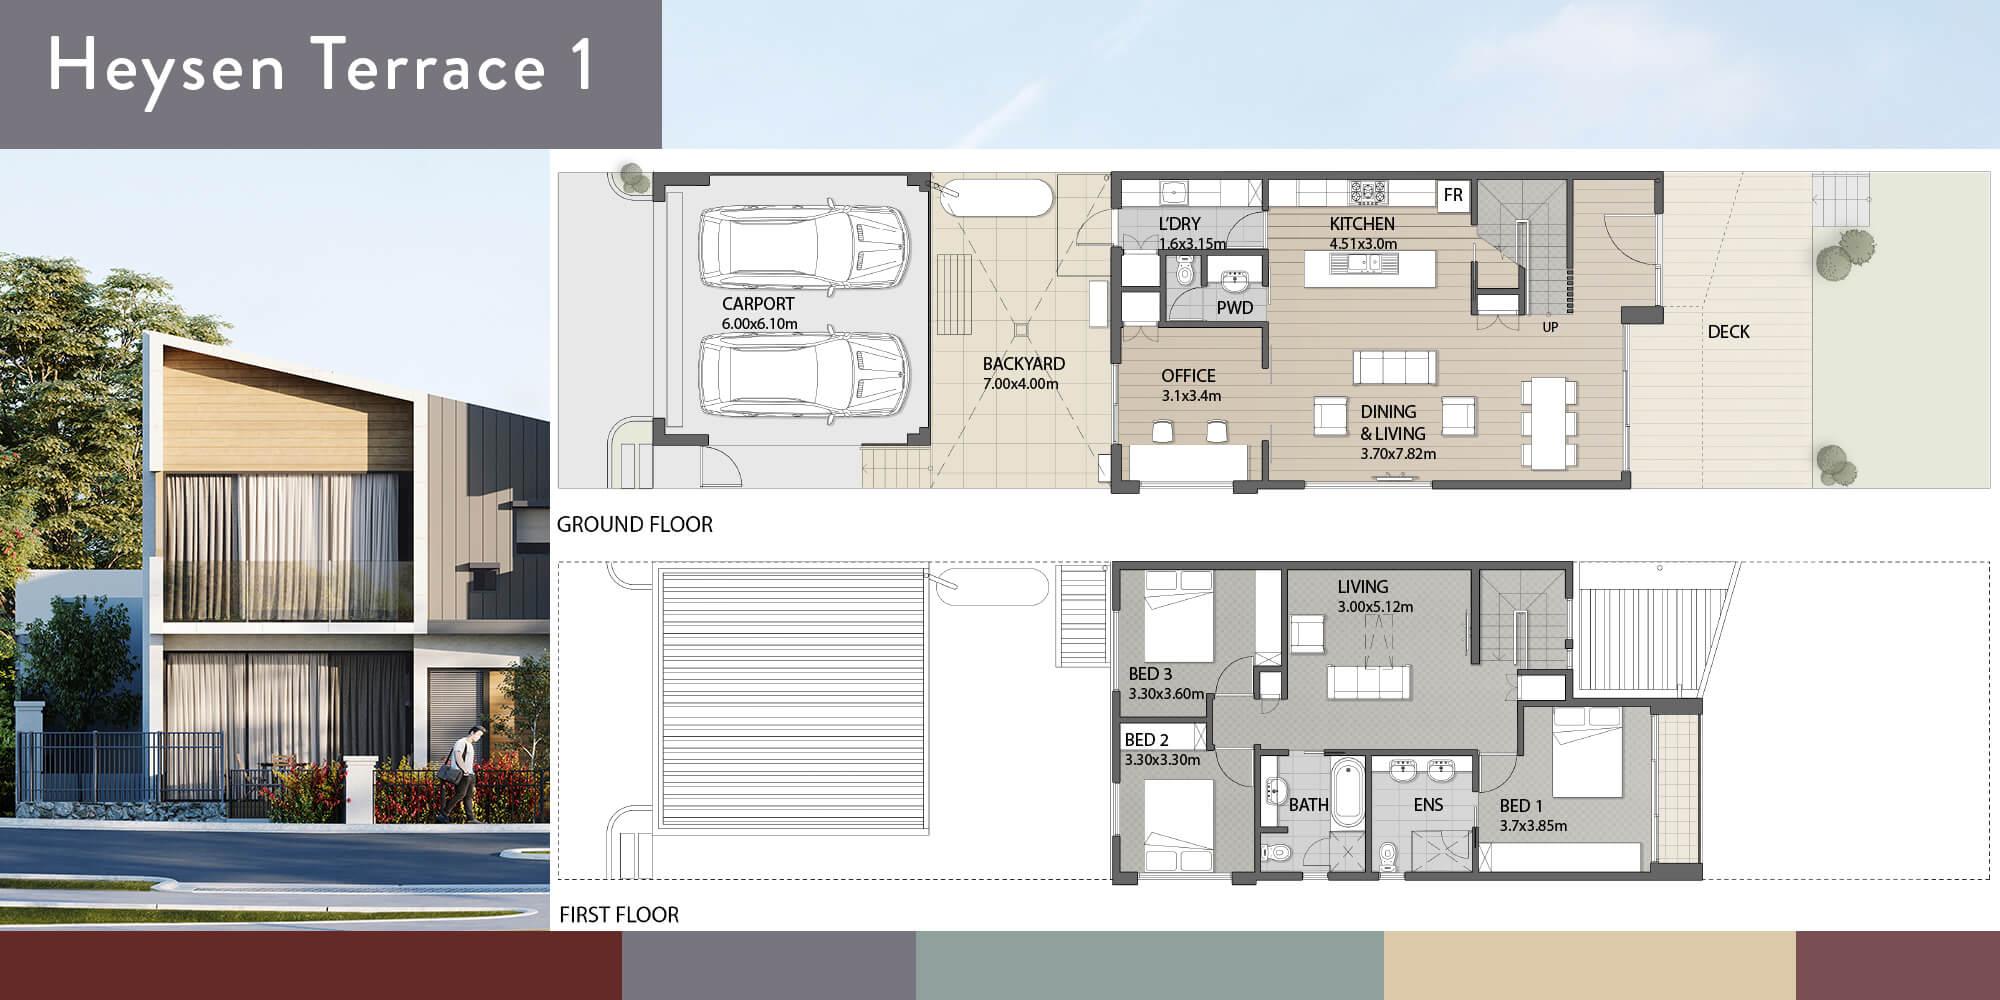 Heysen 1 Floorplan